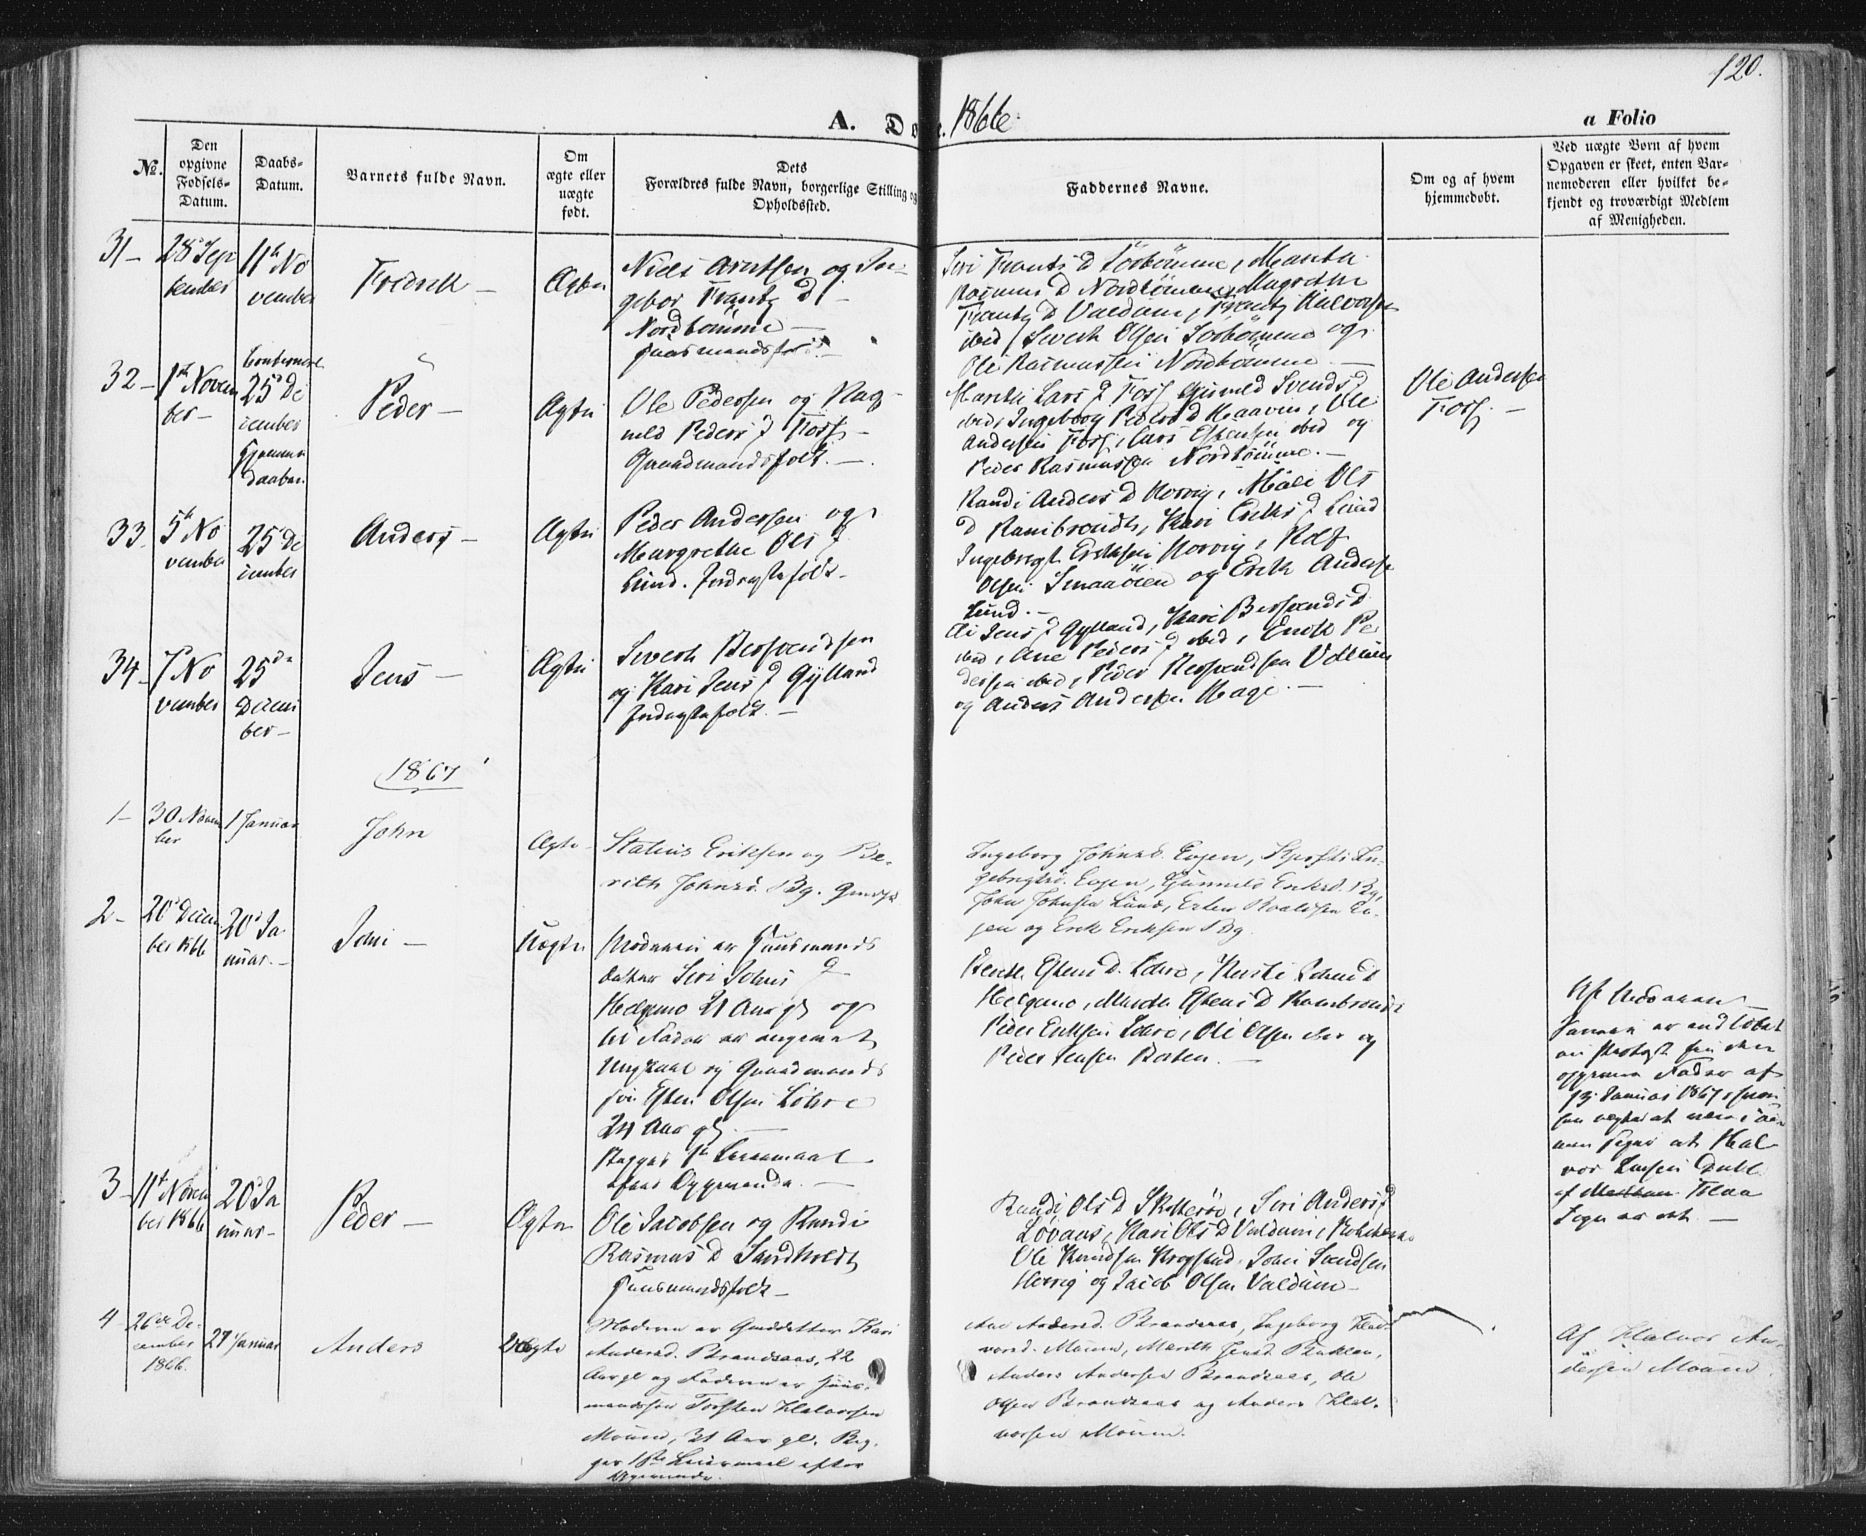 SAT, Ministerialprotokoller, klokkerbøker og fødselsregistre - Sør-Trøndelag, 692/L1103: Ministerialbok nr. 692A03, 1849-1870, s. 120